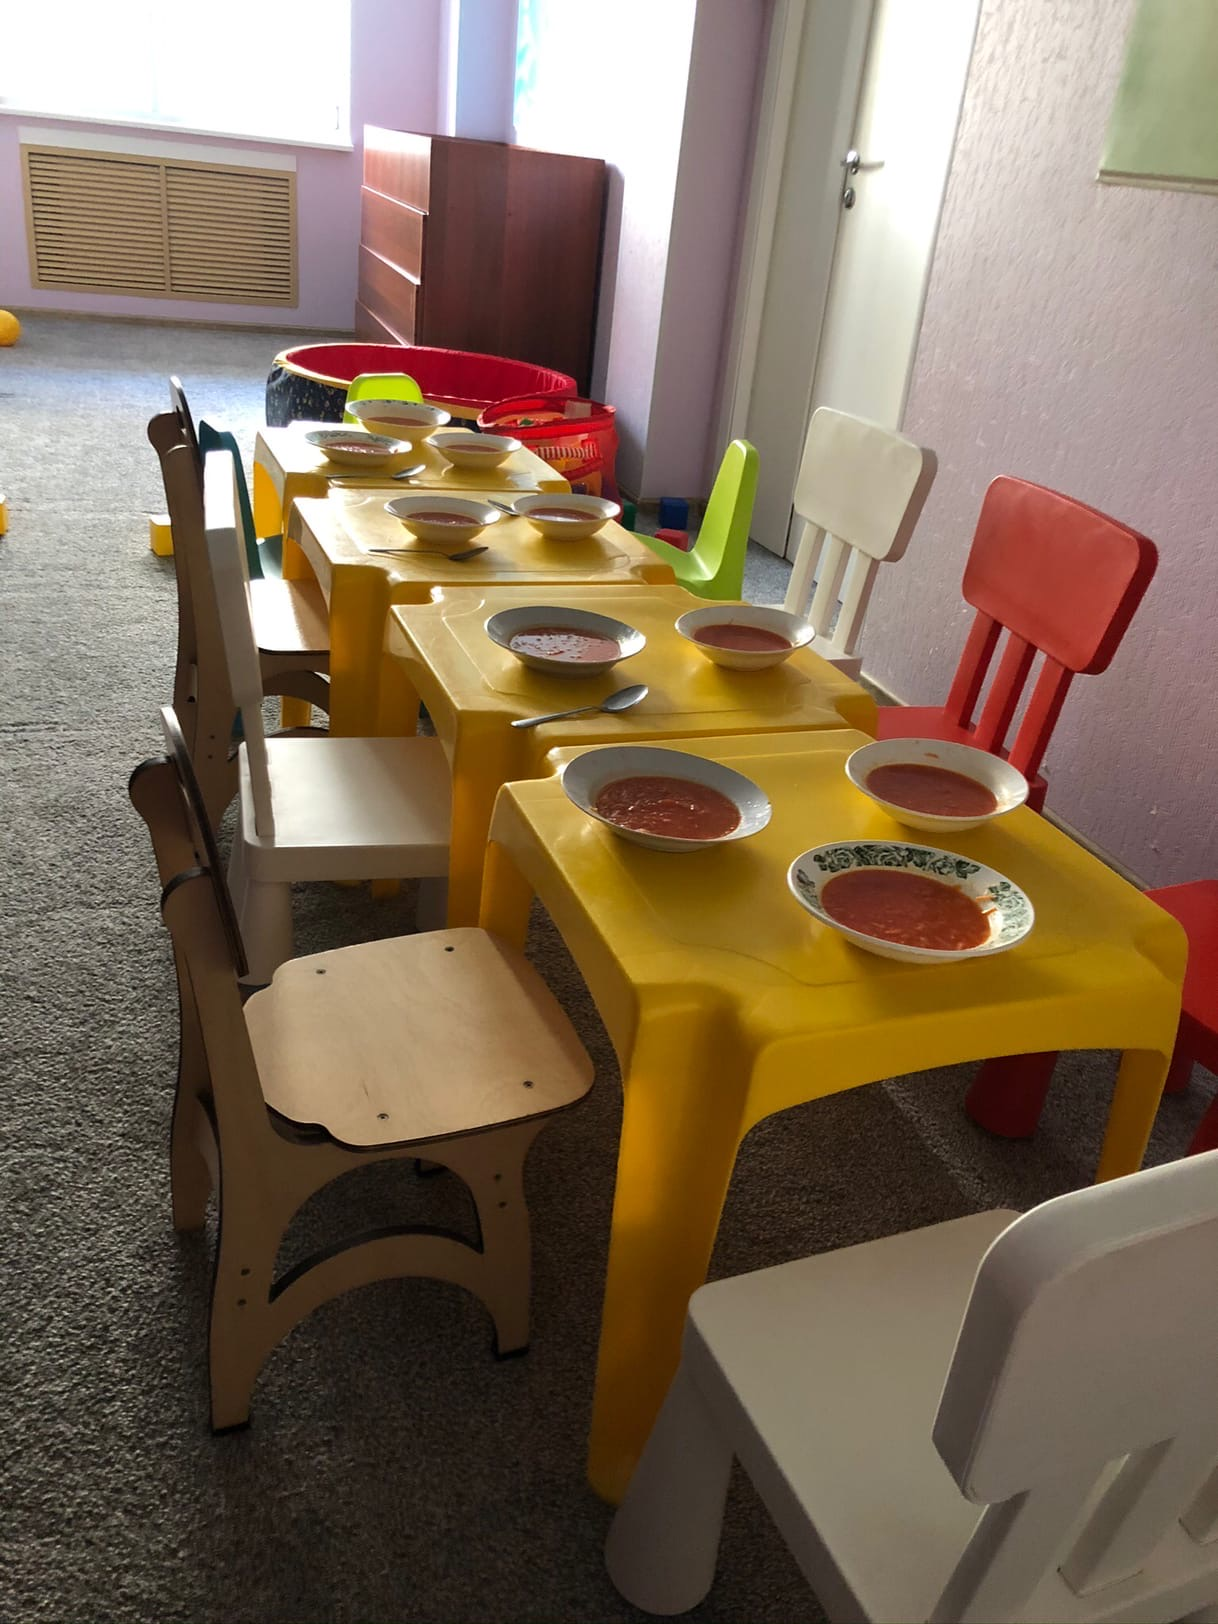 Детский сад Коммерческое помещение Прибыль 150 000